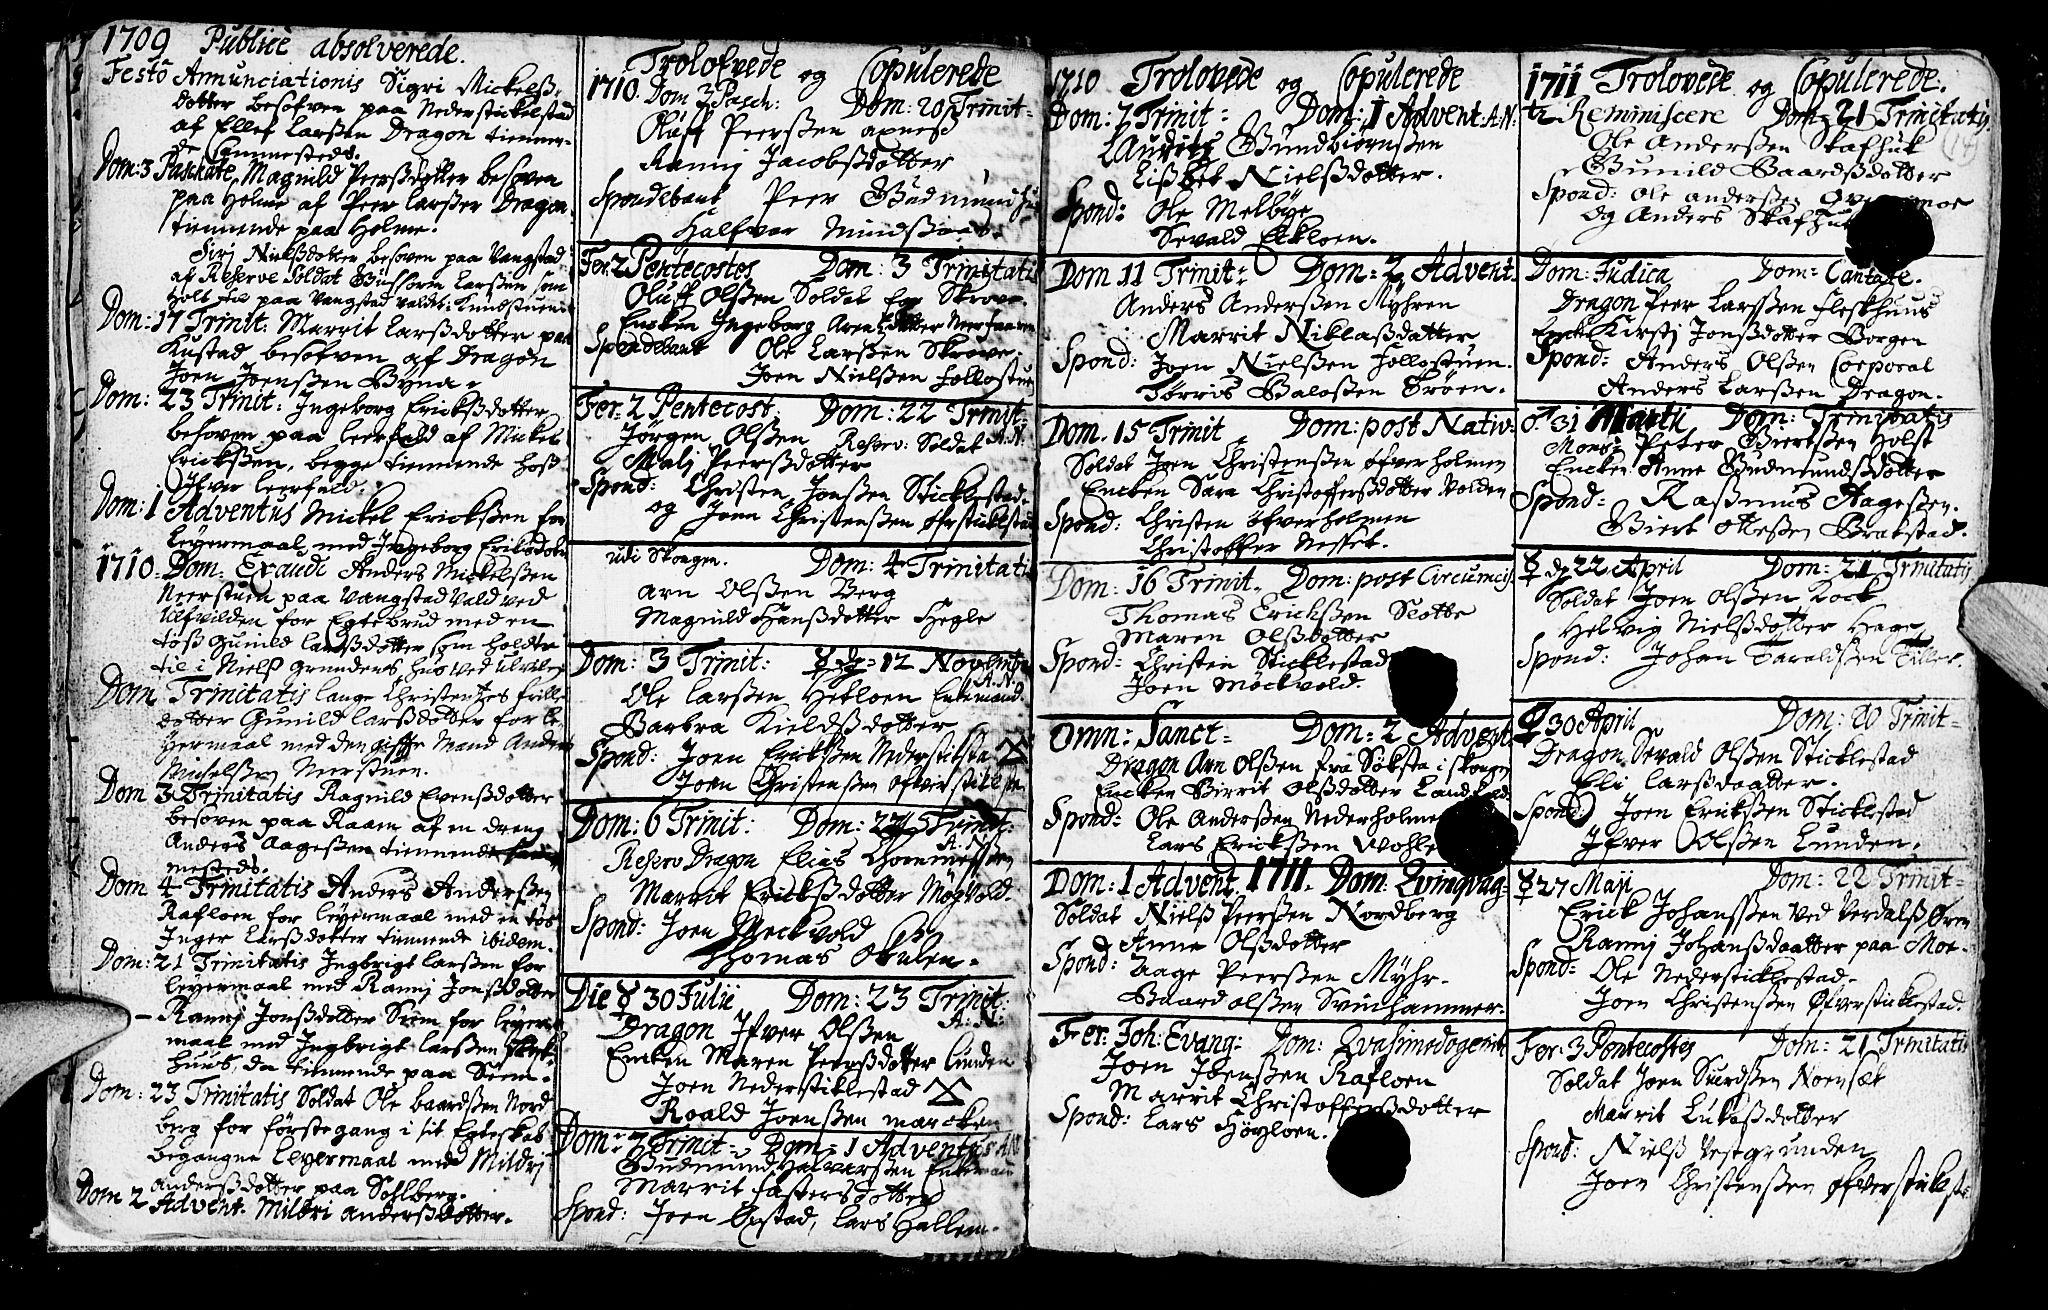 SAT, Ministerialprotokoller, klokkerbøker og fødselsregistre - Nord-Trøndelag, 723/L0230: Ministerialbok nr. 723A01, 1705-1747, s. 14